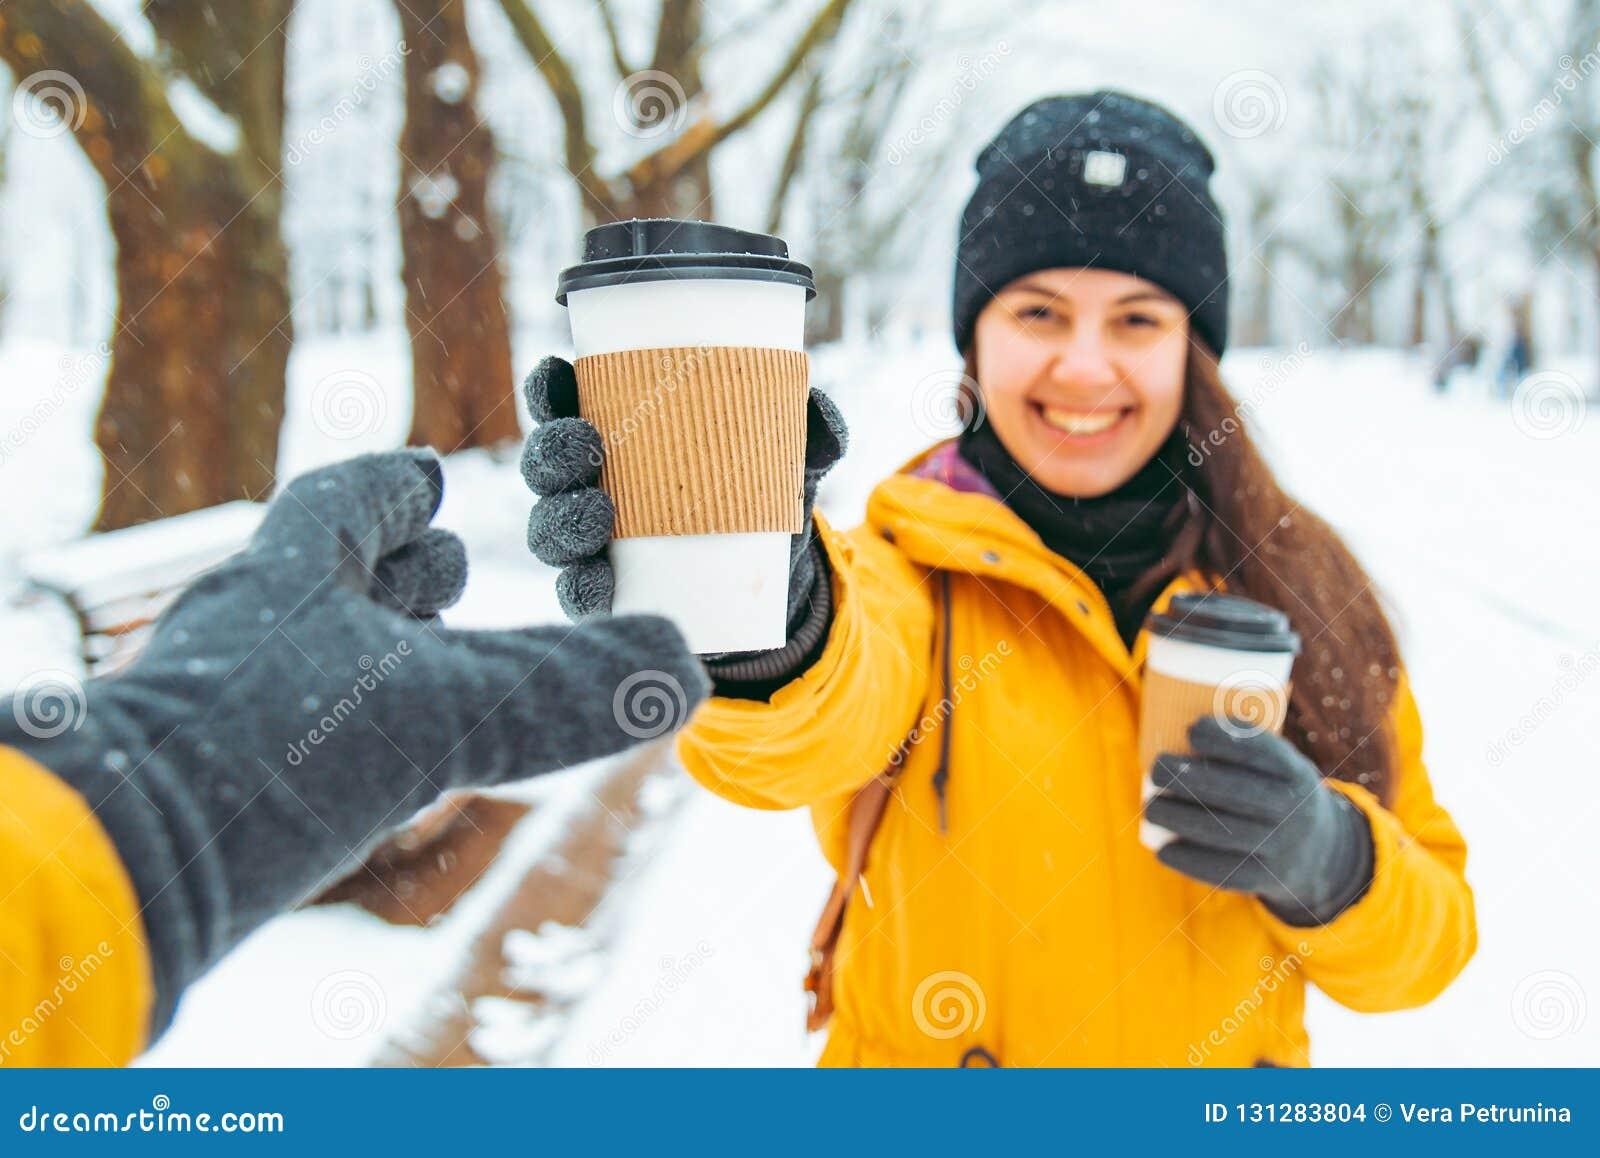 Η γυναίκα δίνει το φλιτζάνι του καφέ στο φίλο συνεδρίαση στο χιονισμένο χειμερινό πάρκο